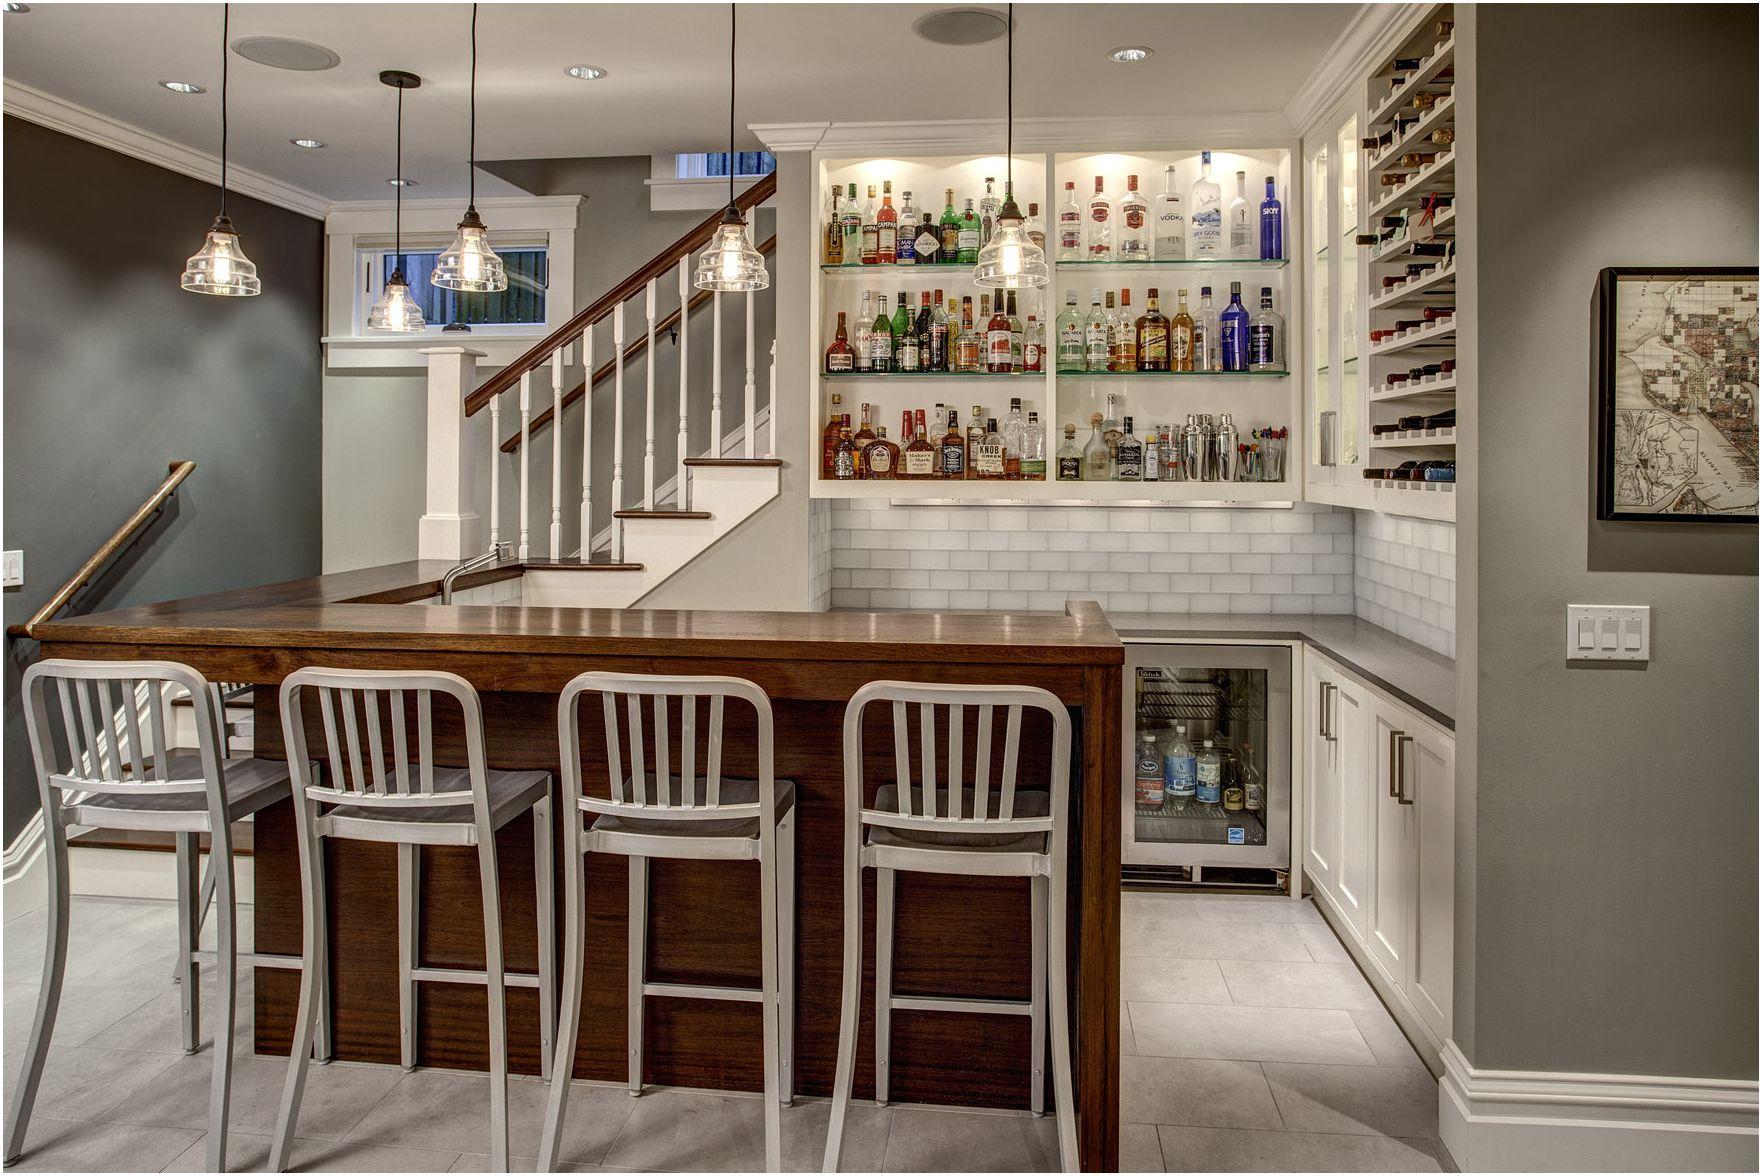 Cuisine-séjour avec bar: des idées originales pour l'intérieur